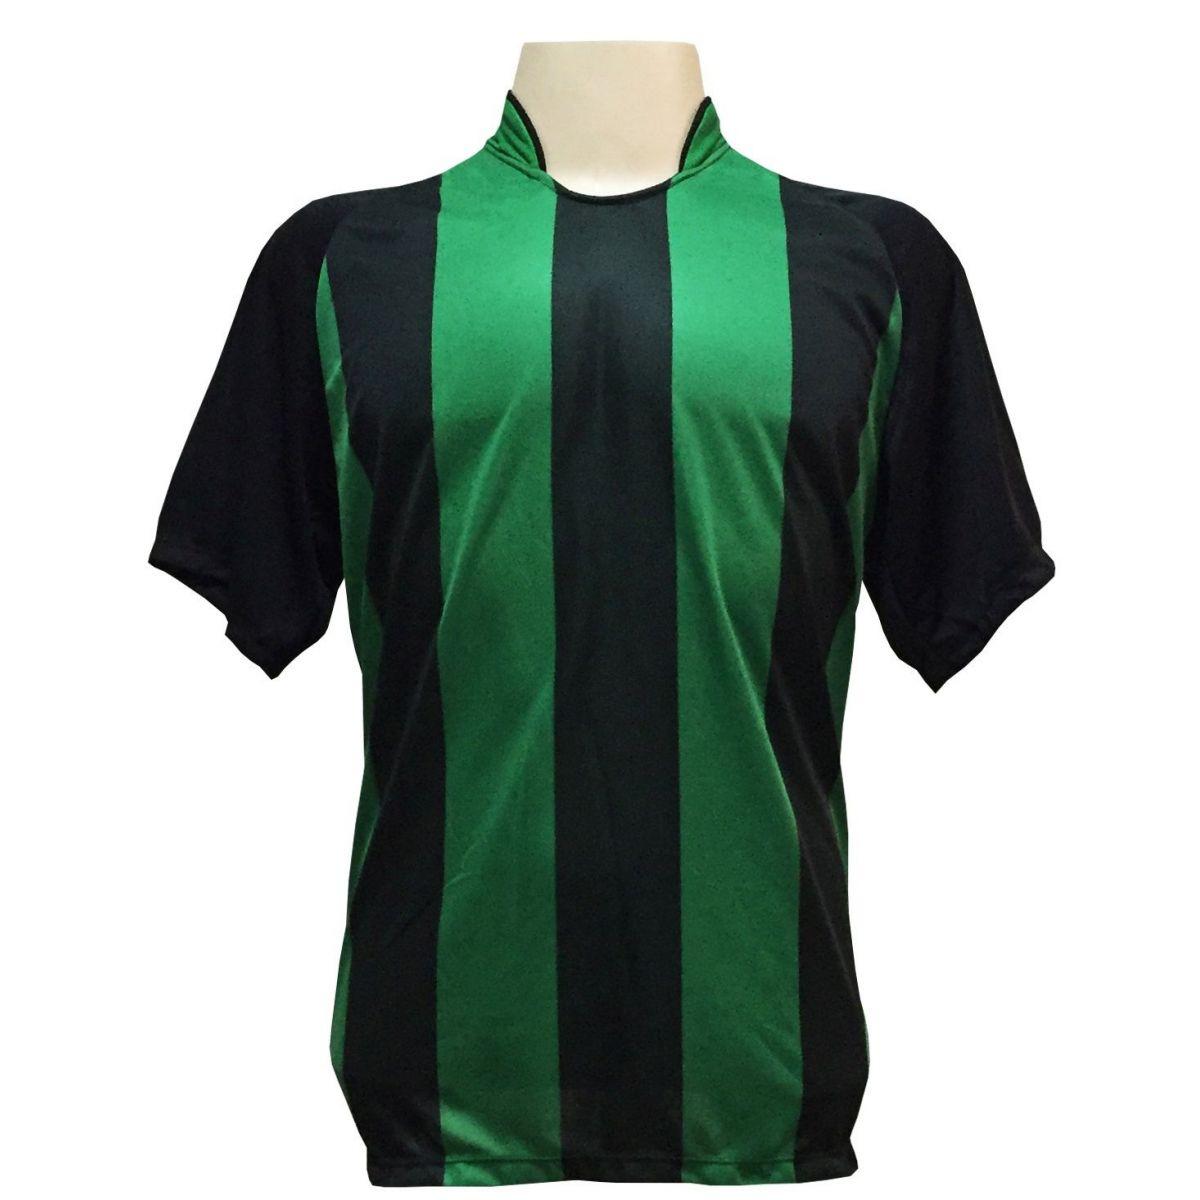 Uniforme Esportivo com 12 Camisas modelo Milan Preto/Verde + 12 Calções modelo Madrid Preto + 12 Pares de meiões Verde